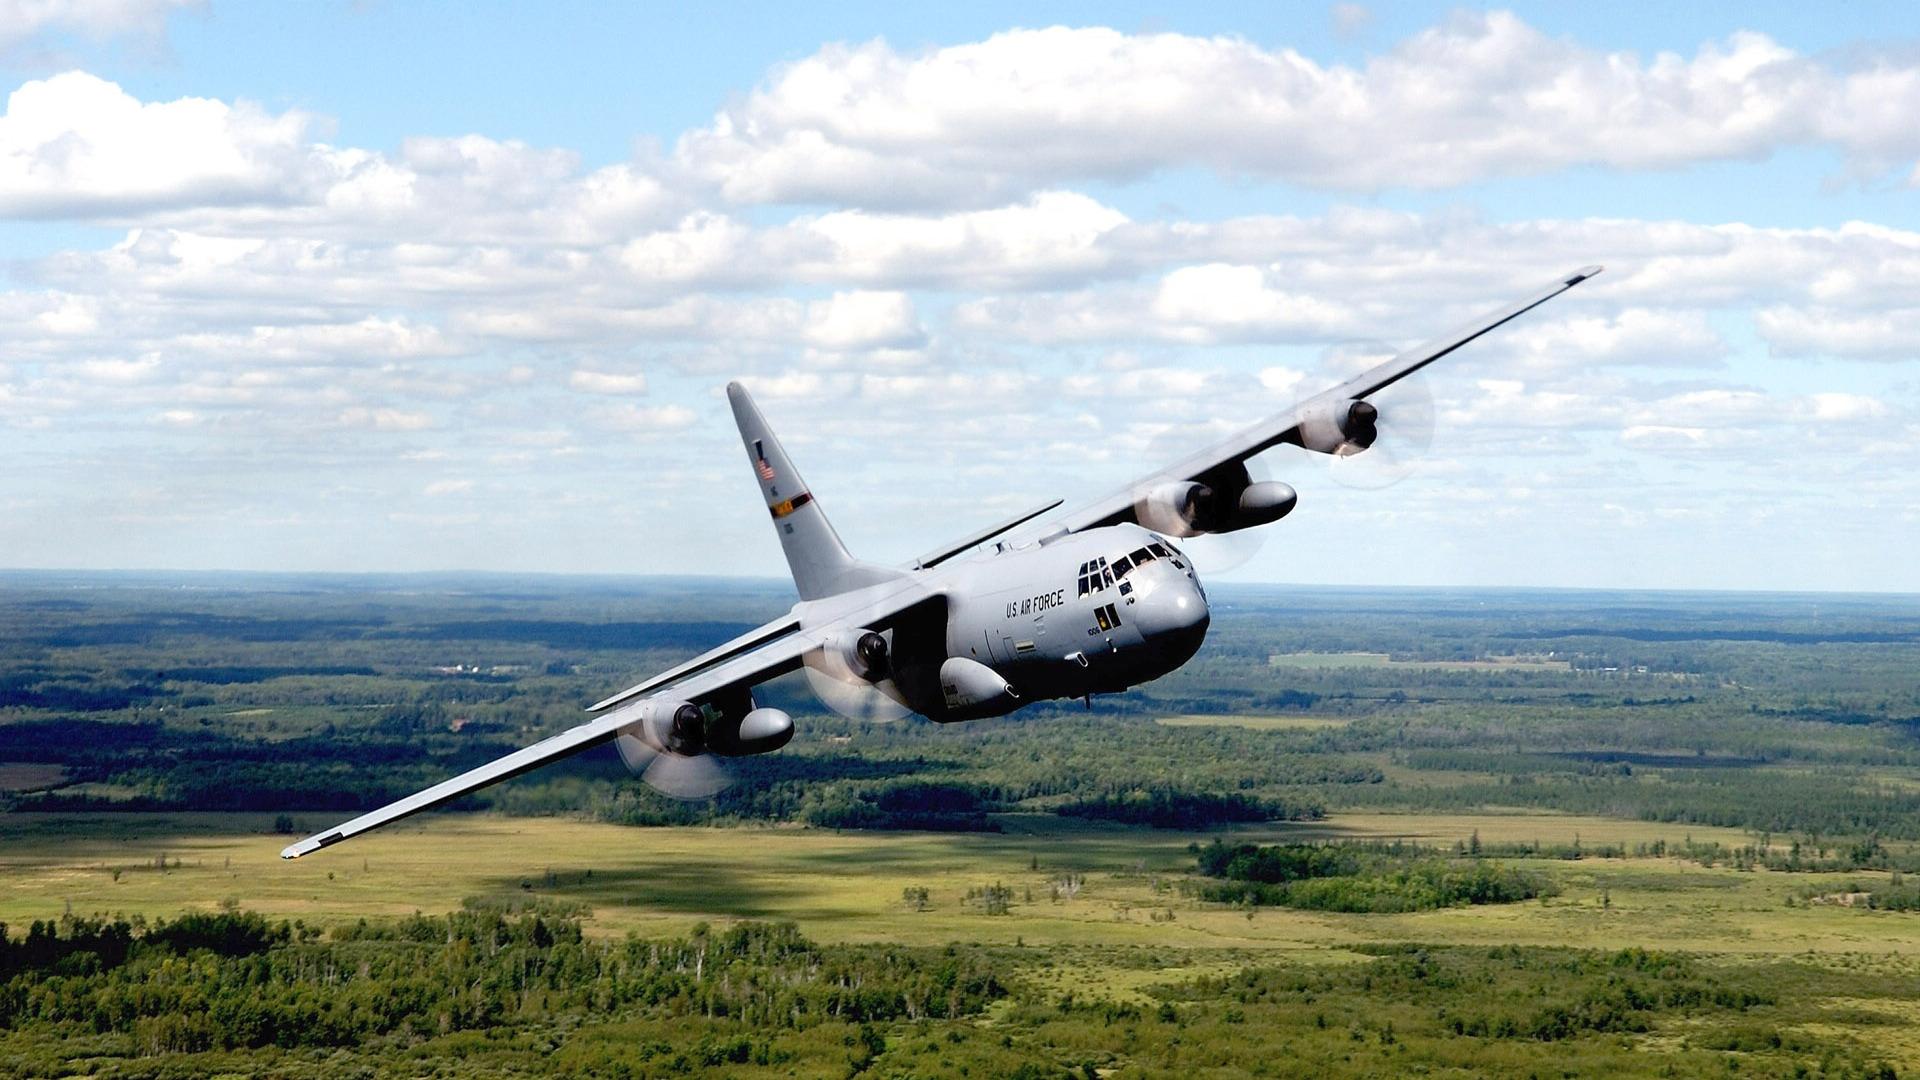 airplane-landing_118571-1920x1080